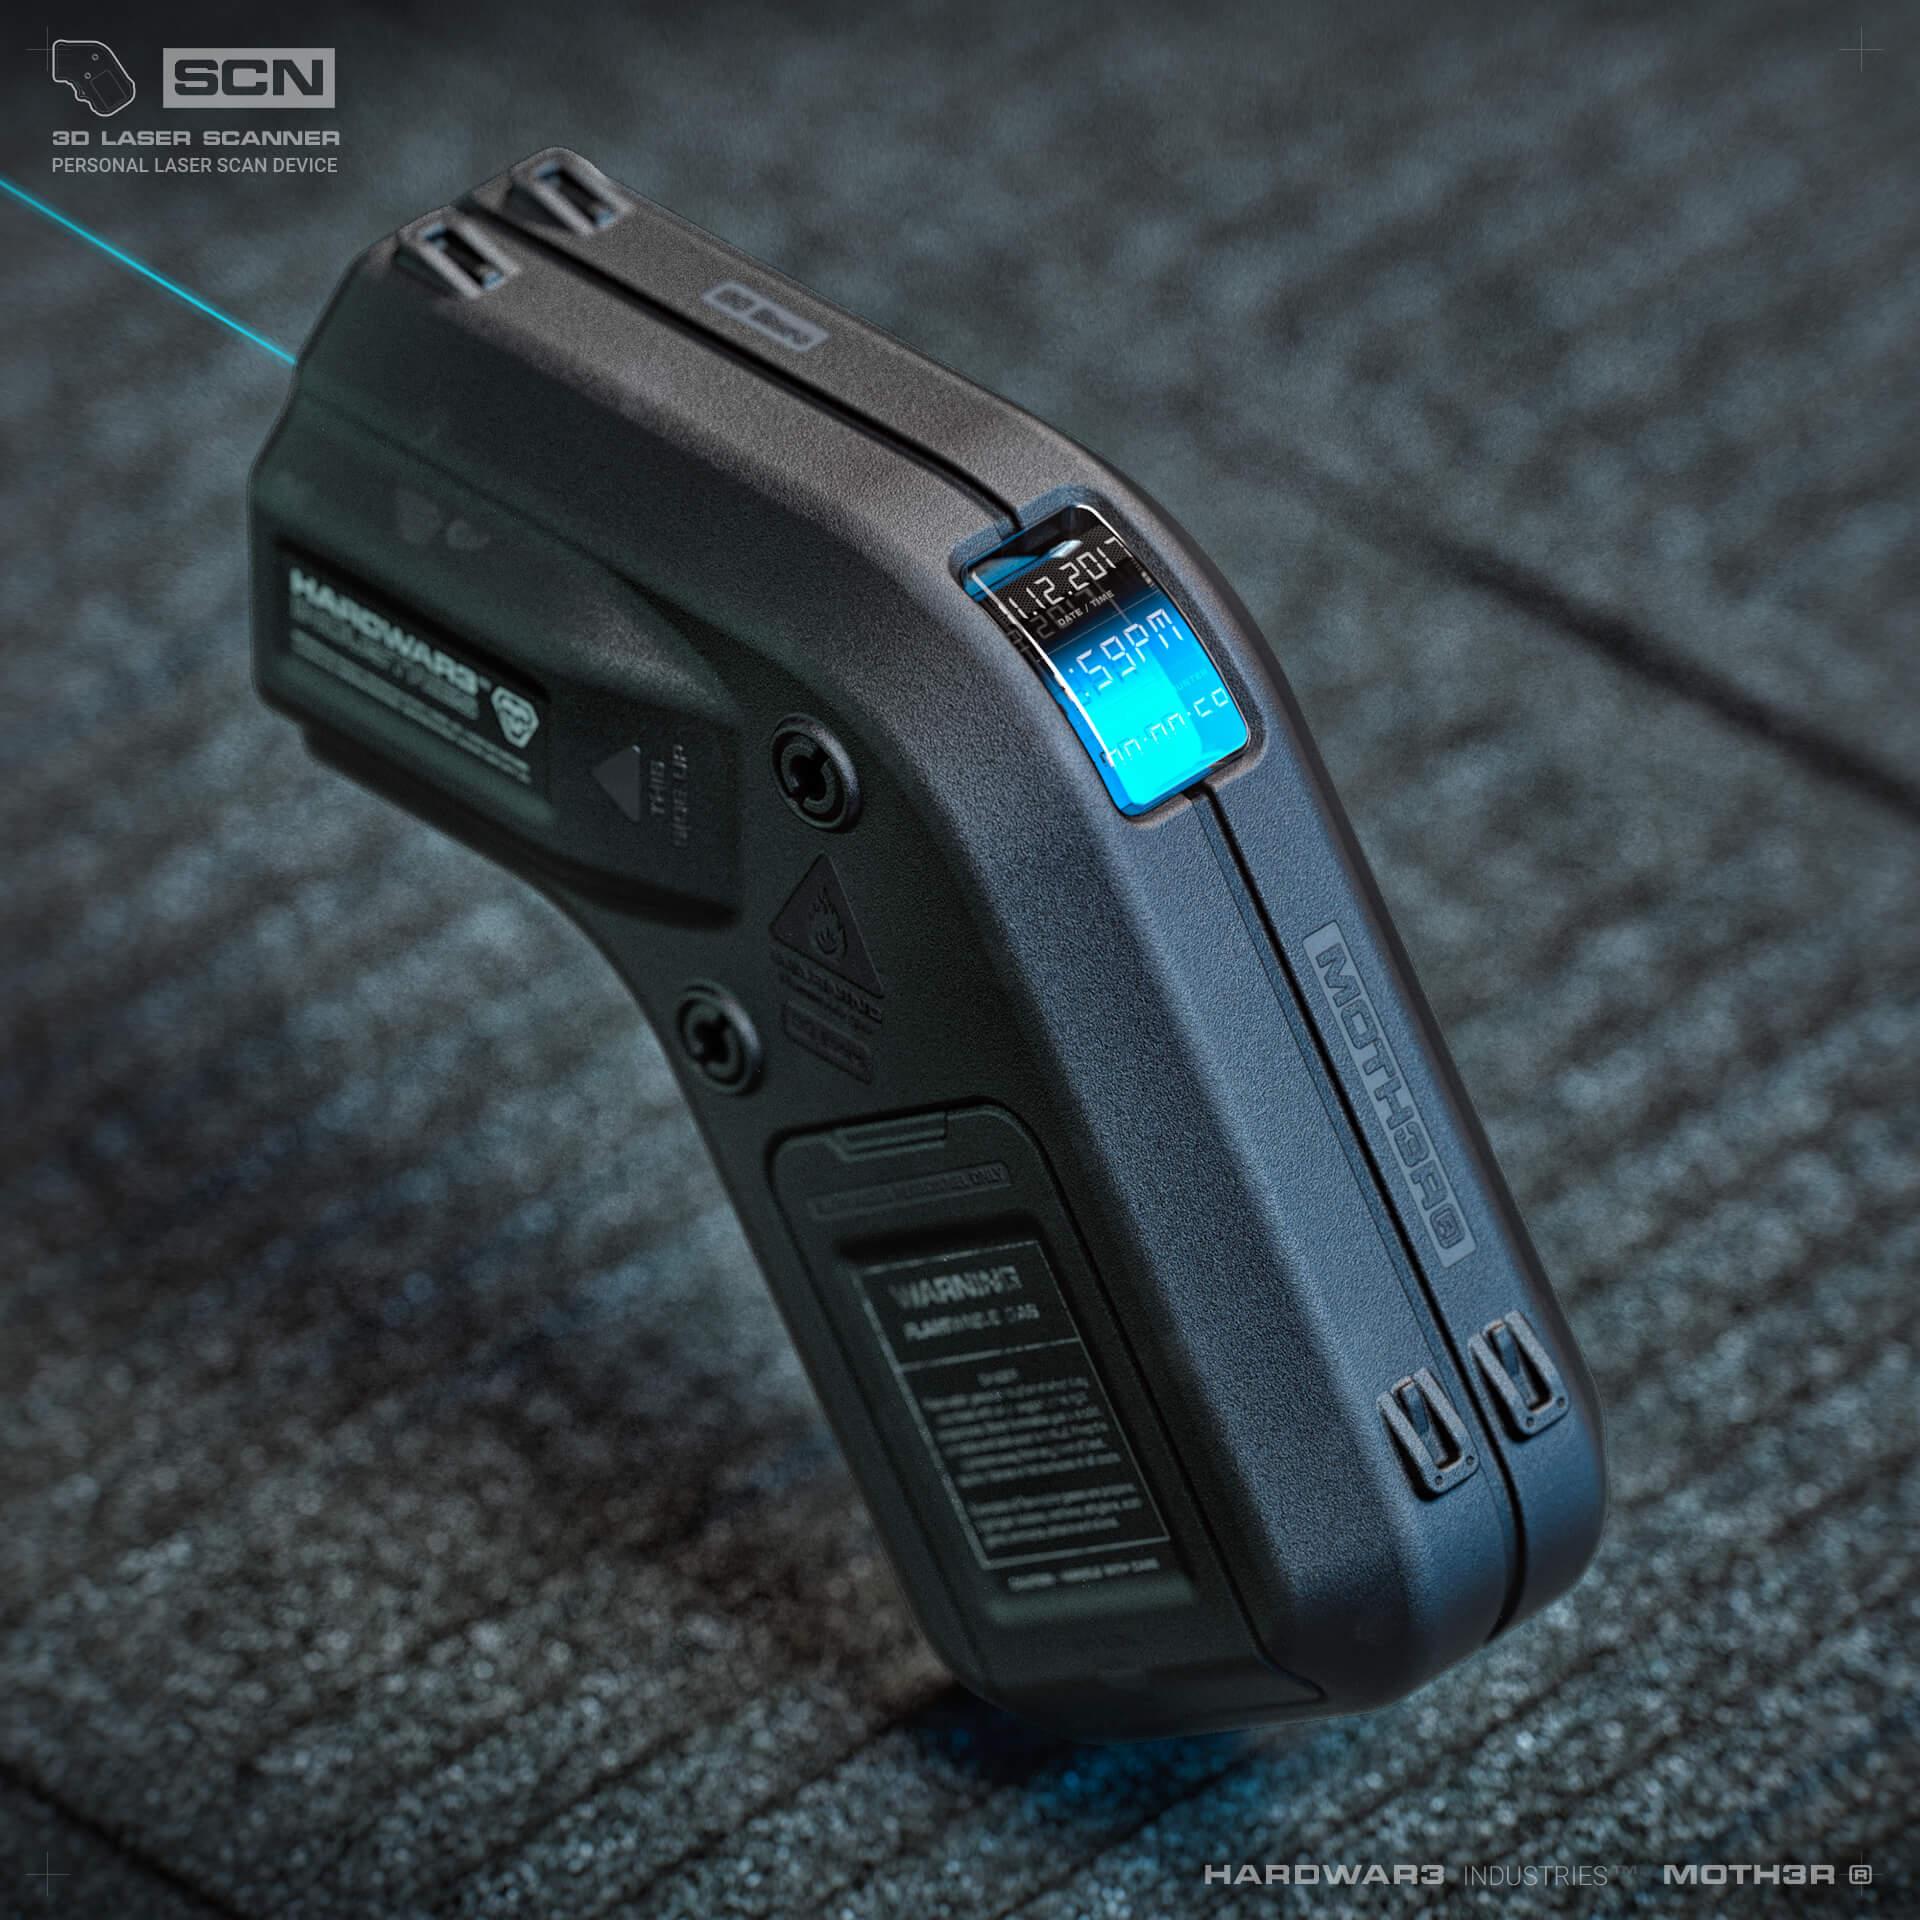 Scanner-001.36